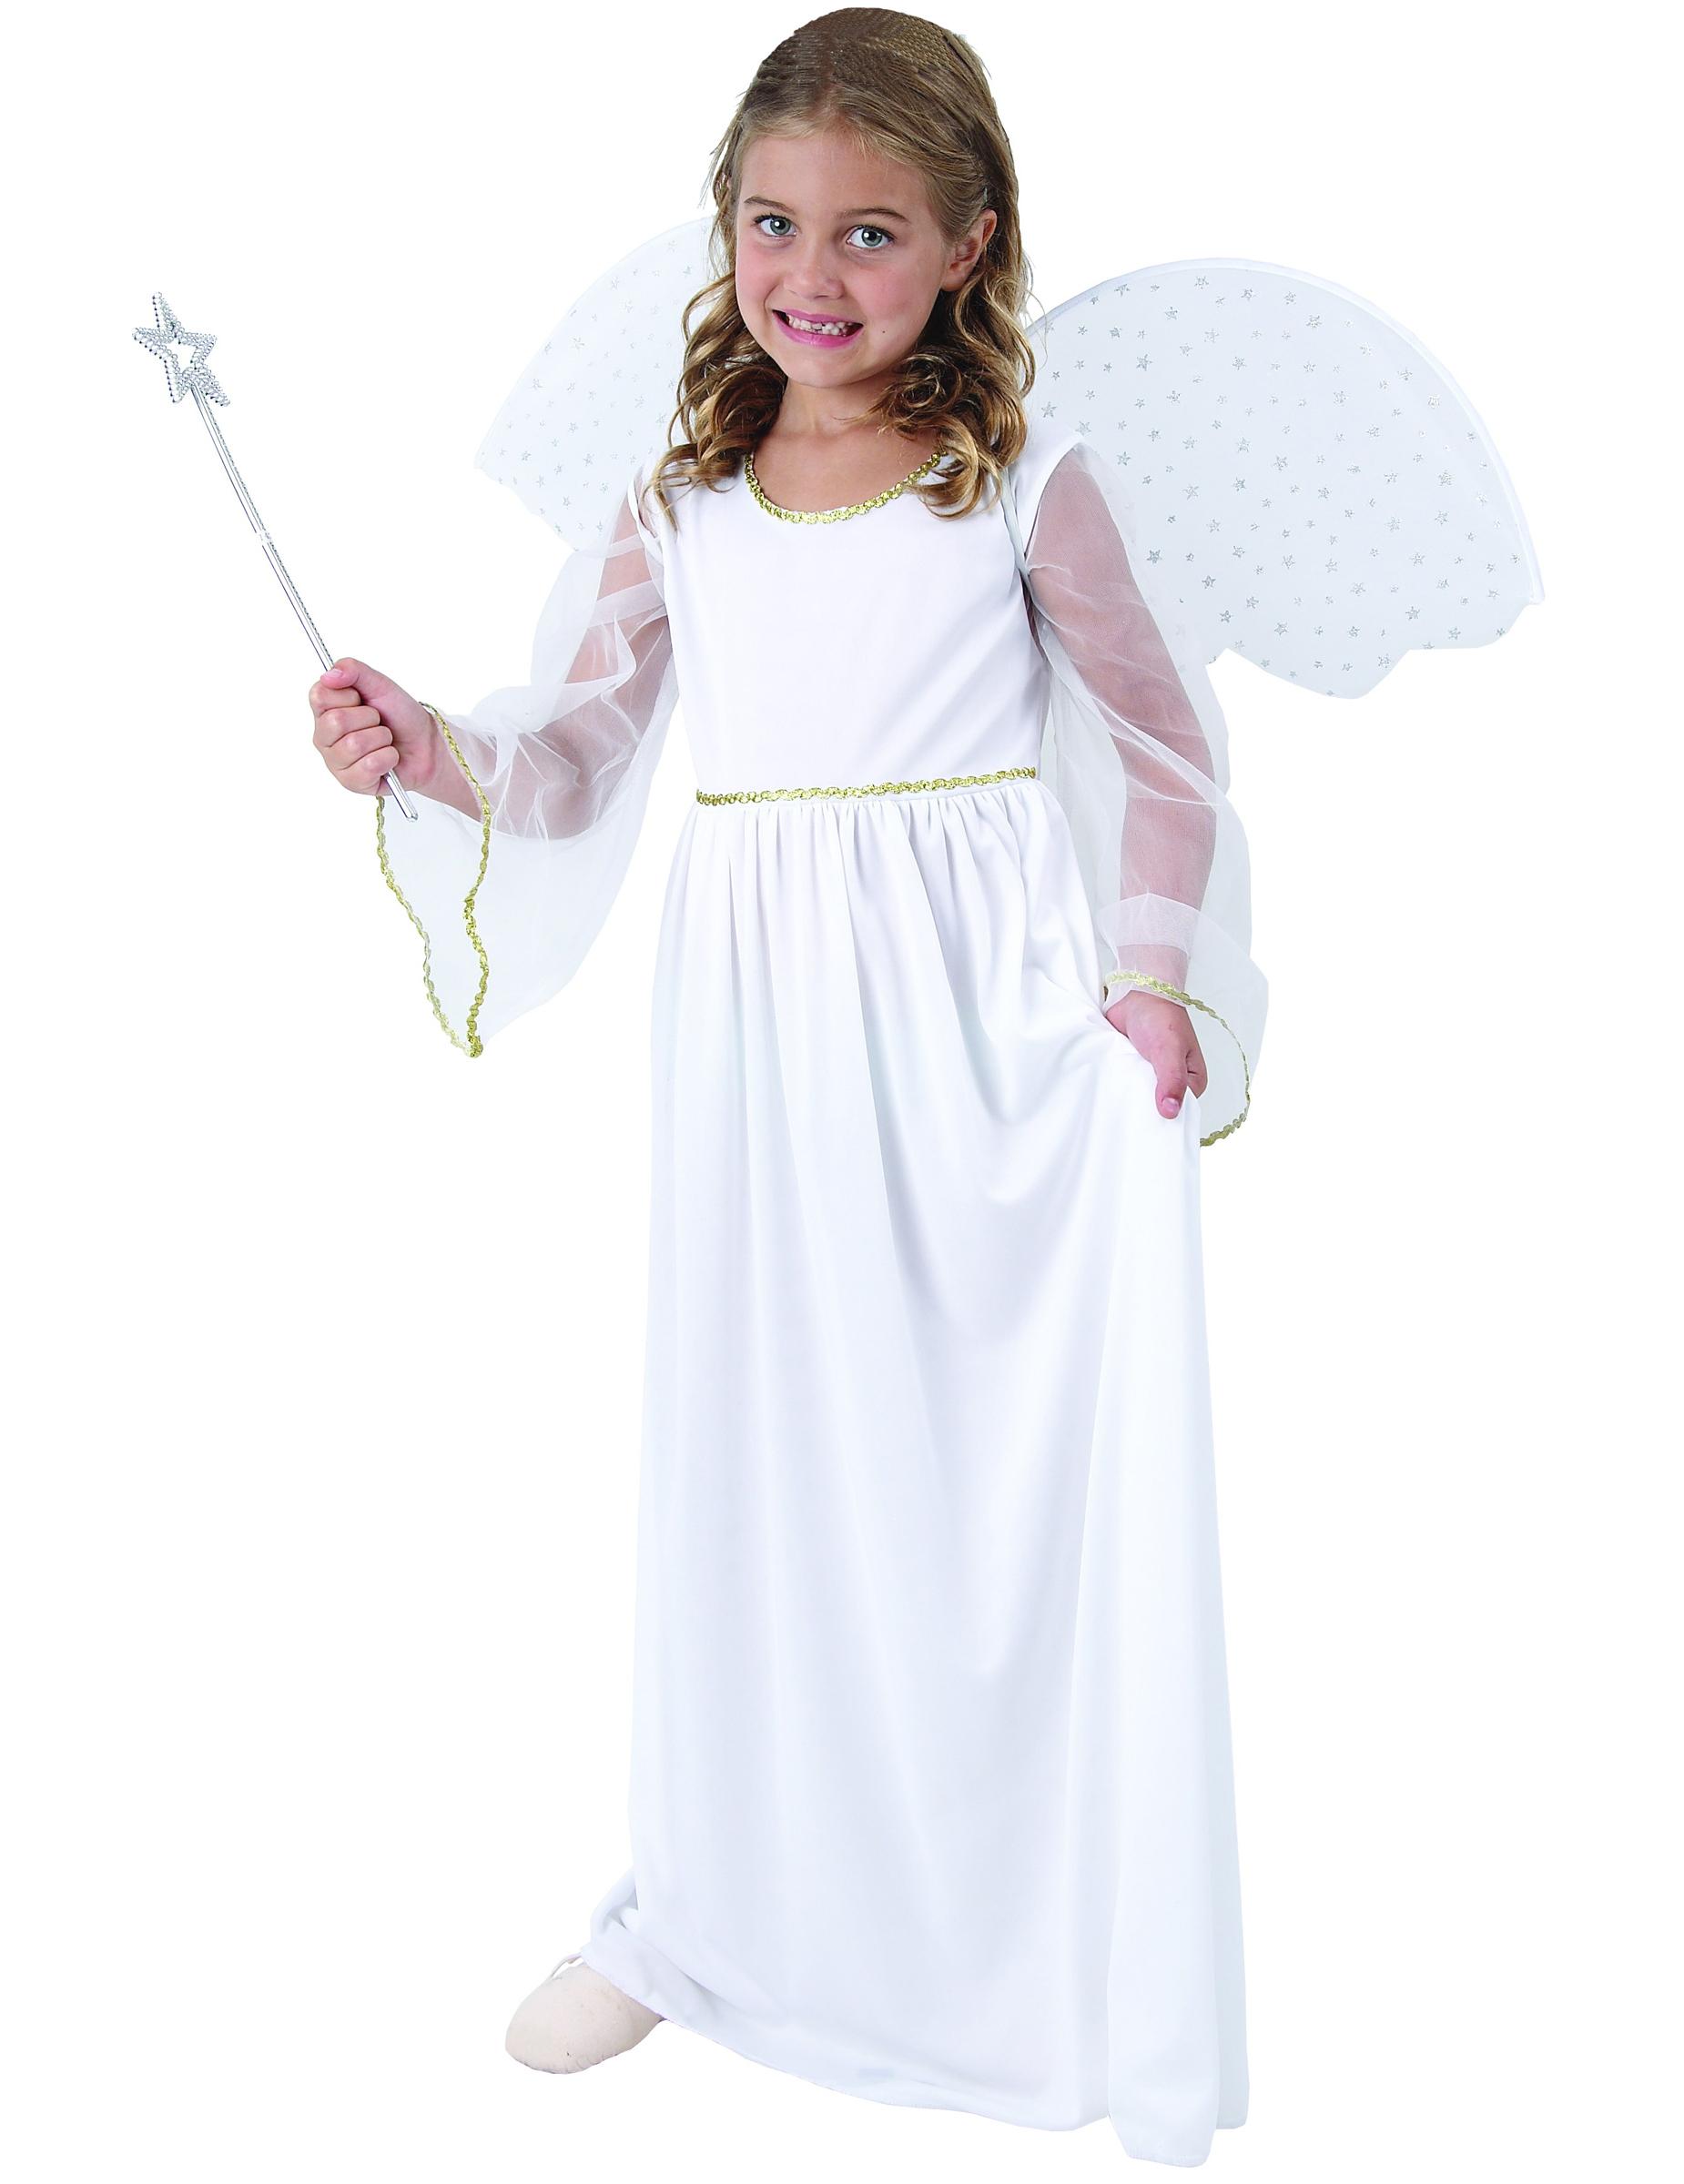 Disfraz ngel blanco ni a disfraces ni os y disfraces - Disfraz de angel para nino ...